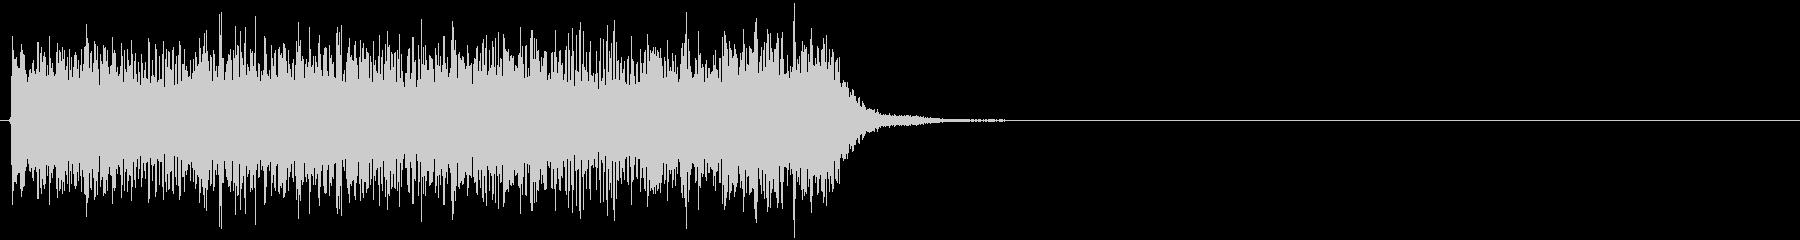 ビリビリビリビリ(感電音、電気)の未再生の波形